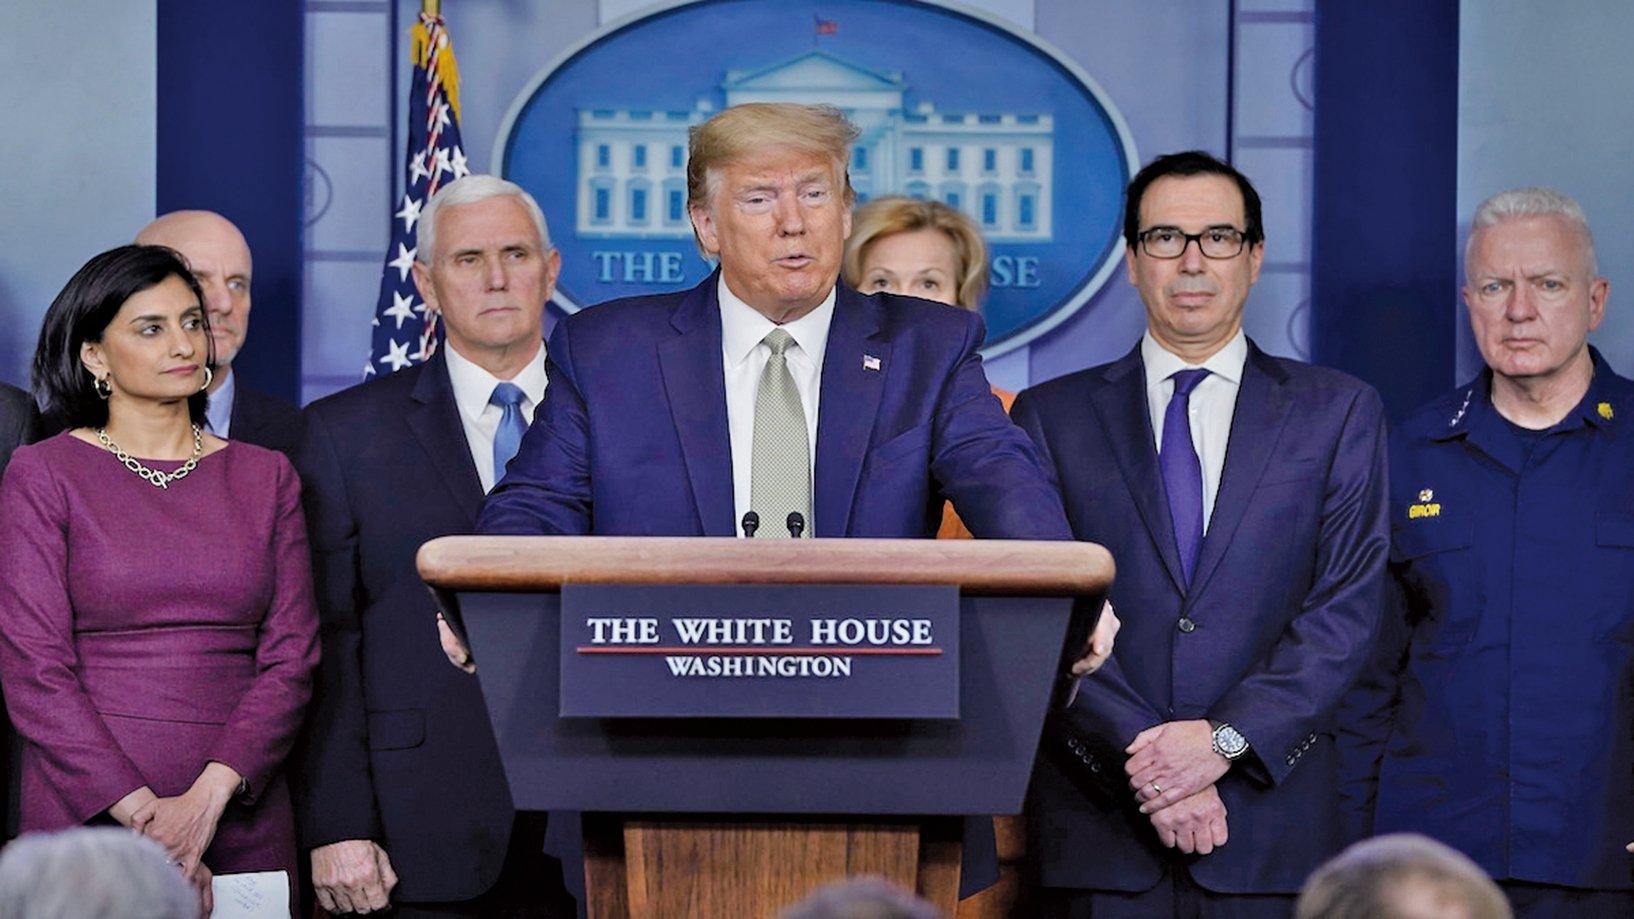 在4月2日的白宮記者會上,美國總統特朗普擴大了《國防生產法》的使用範圍,授權美國聯邦緊急事務管理局從 3M 公司獲取抗擊中共肺炎(新冠肺炎)疫情所必要的口罩。(Getty Images)